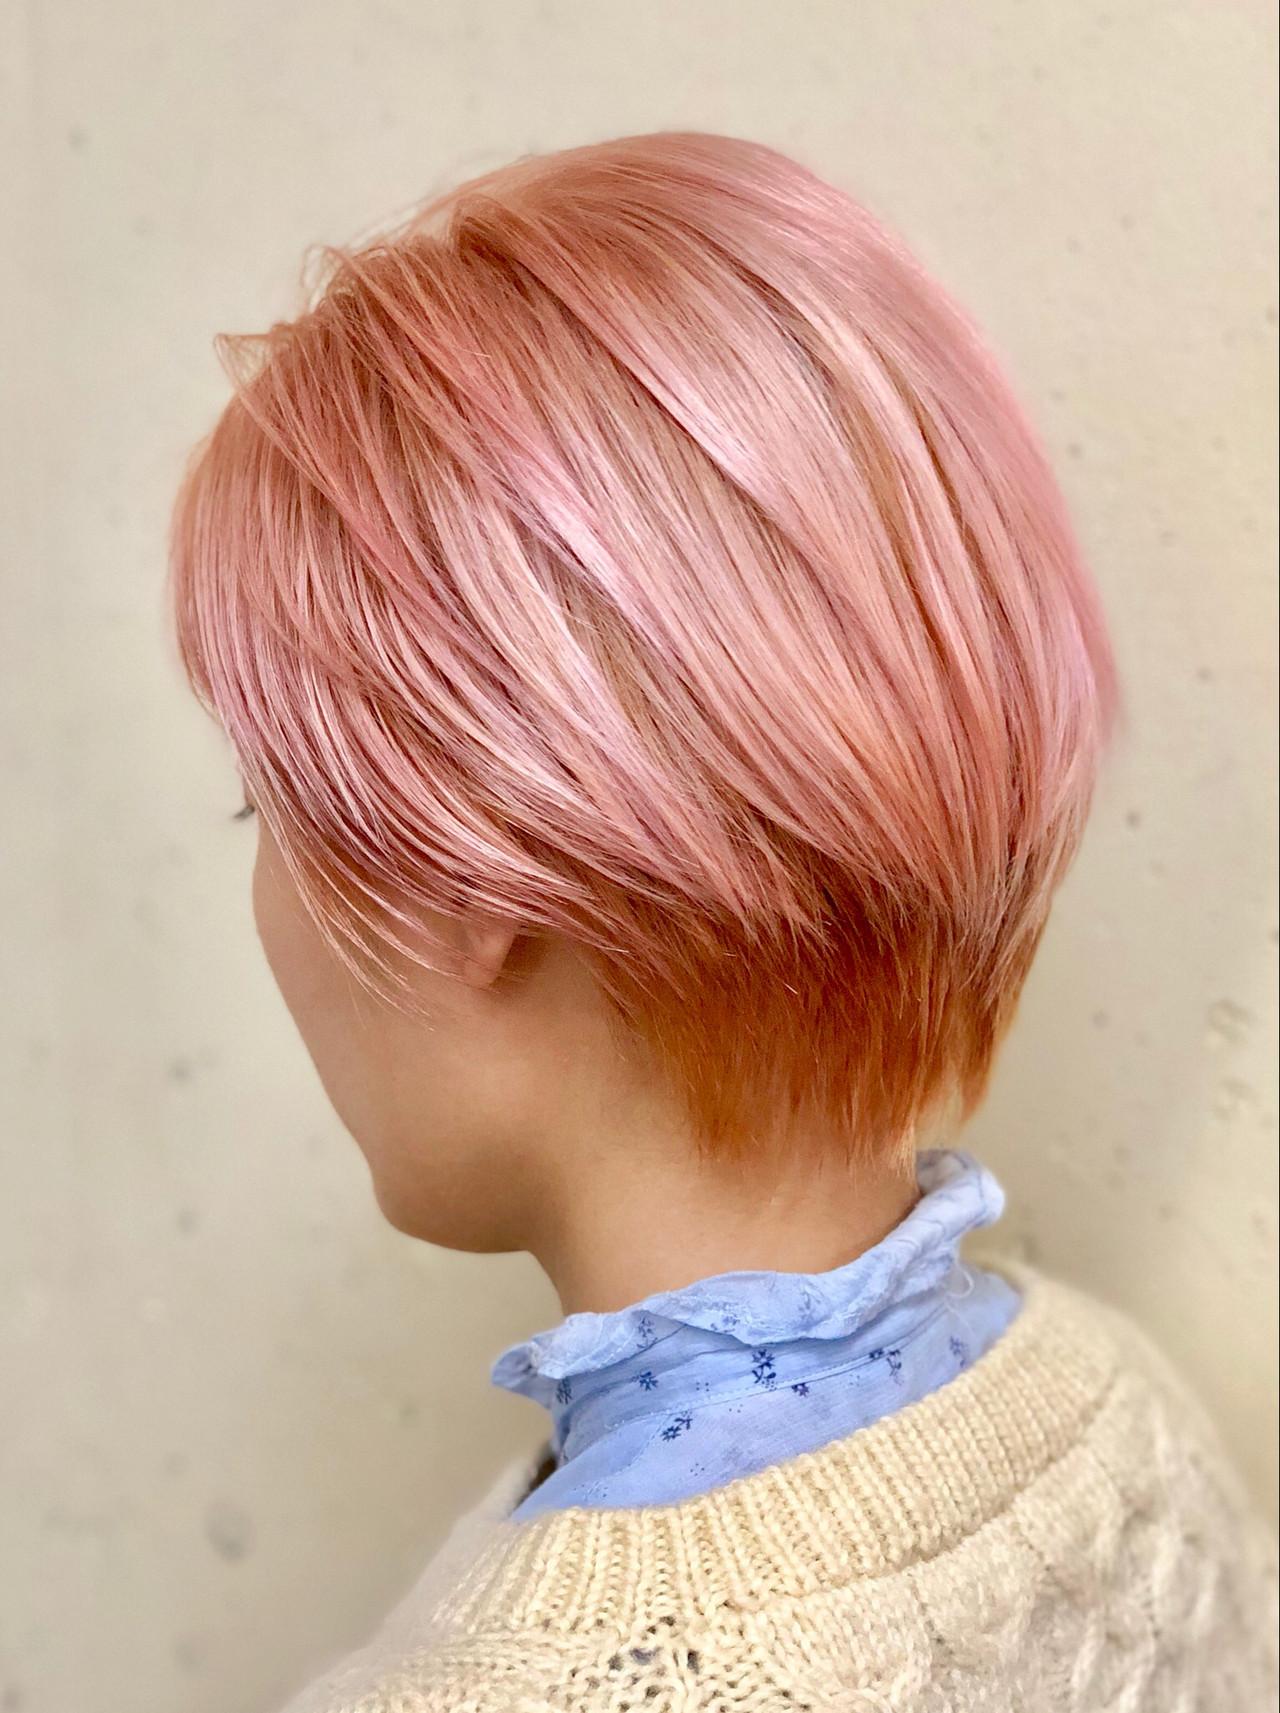 ナチュラル ピンクアッシュ バレイヤージュ ショート ヘアスタイルや髪型の写真・画像